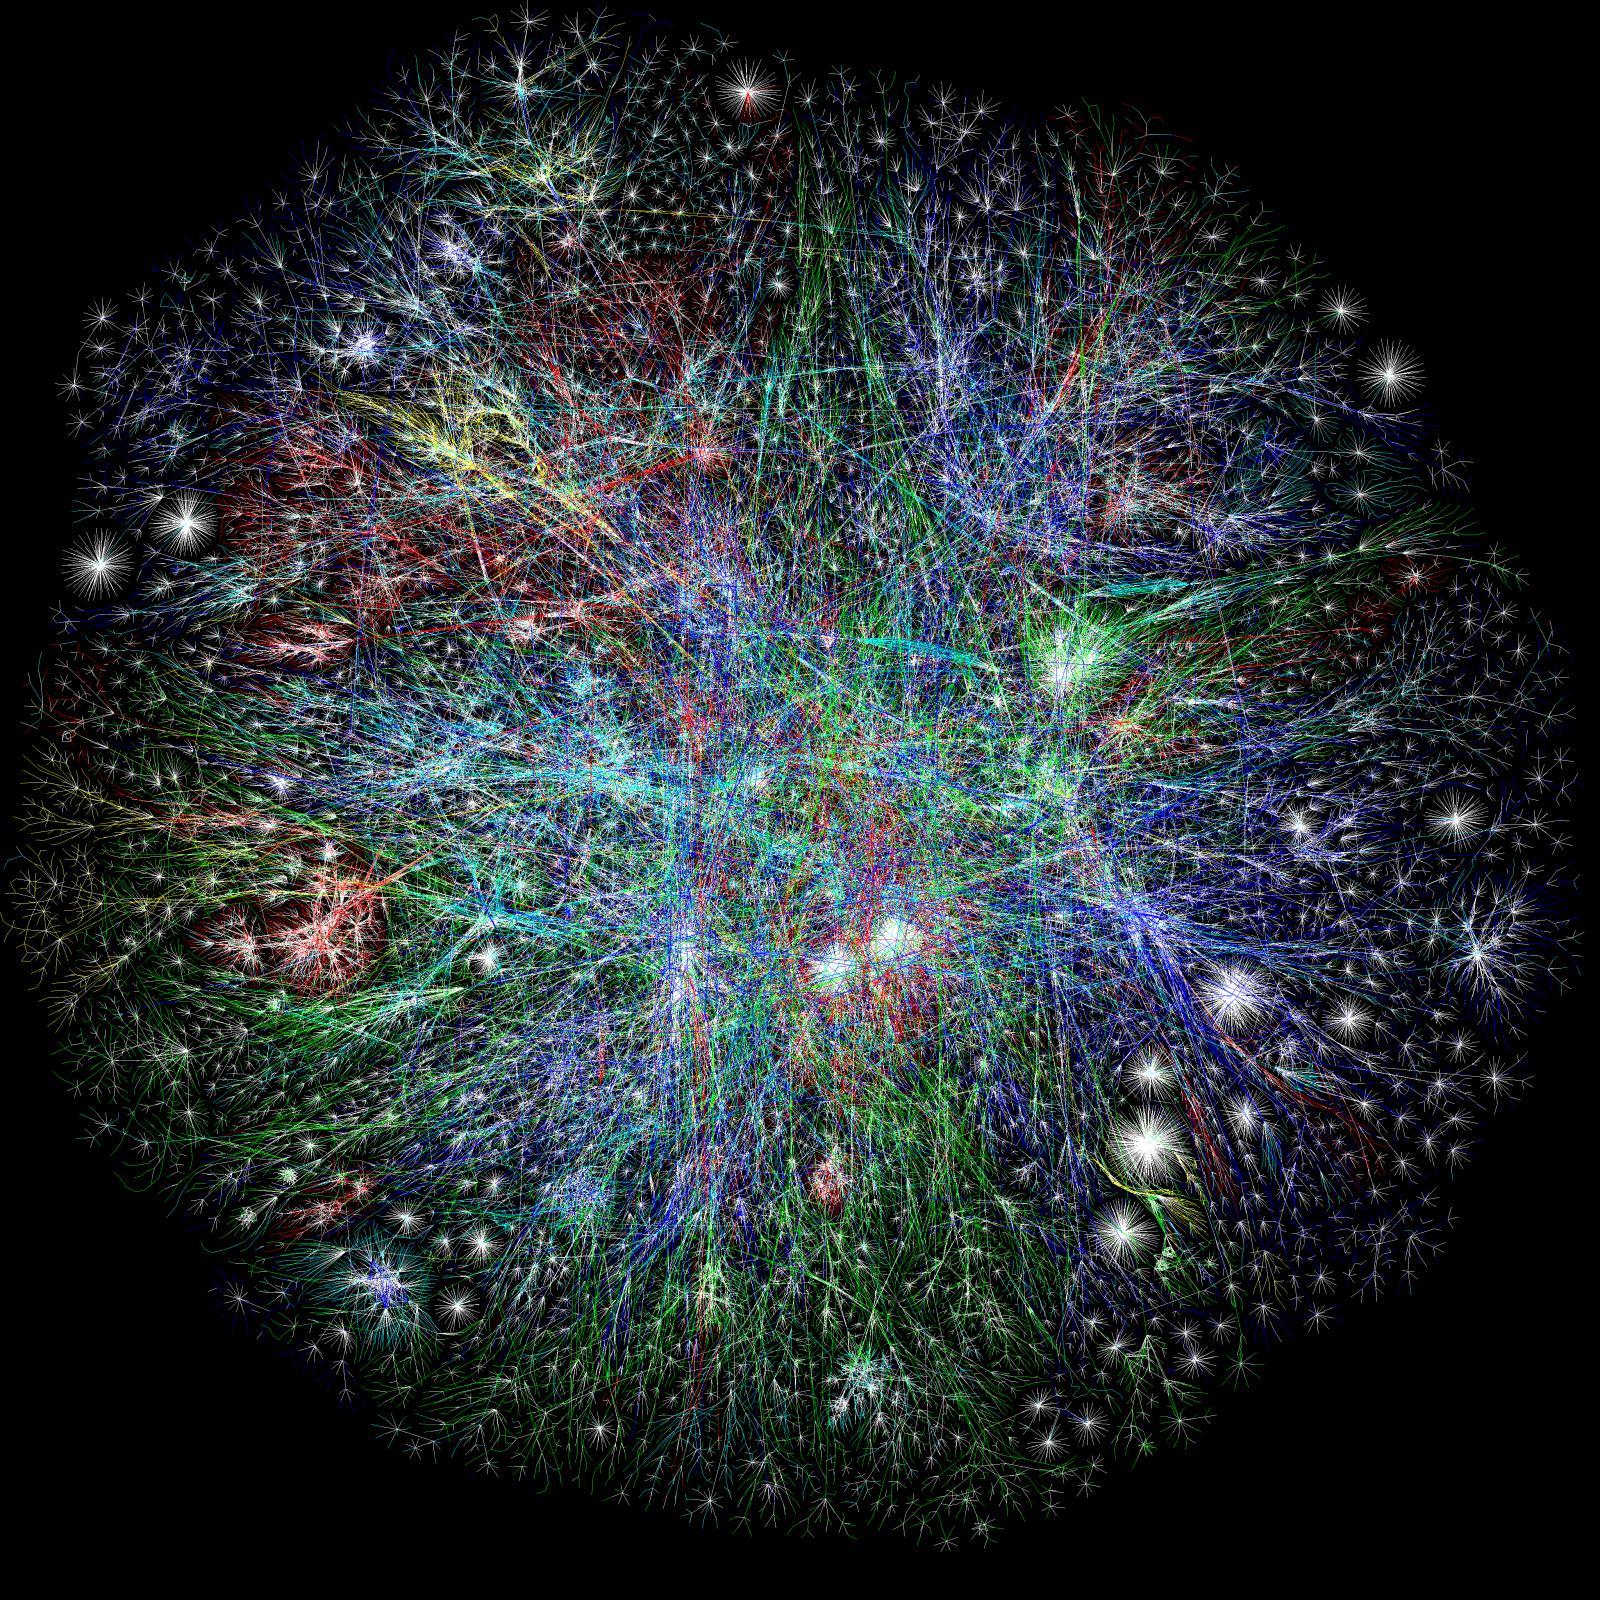 Конец эпохи закона Мура и как это может повлиять на будущее информационных технологий - 7